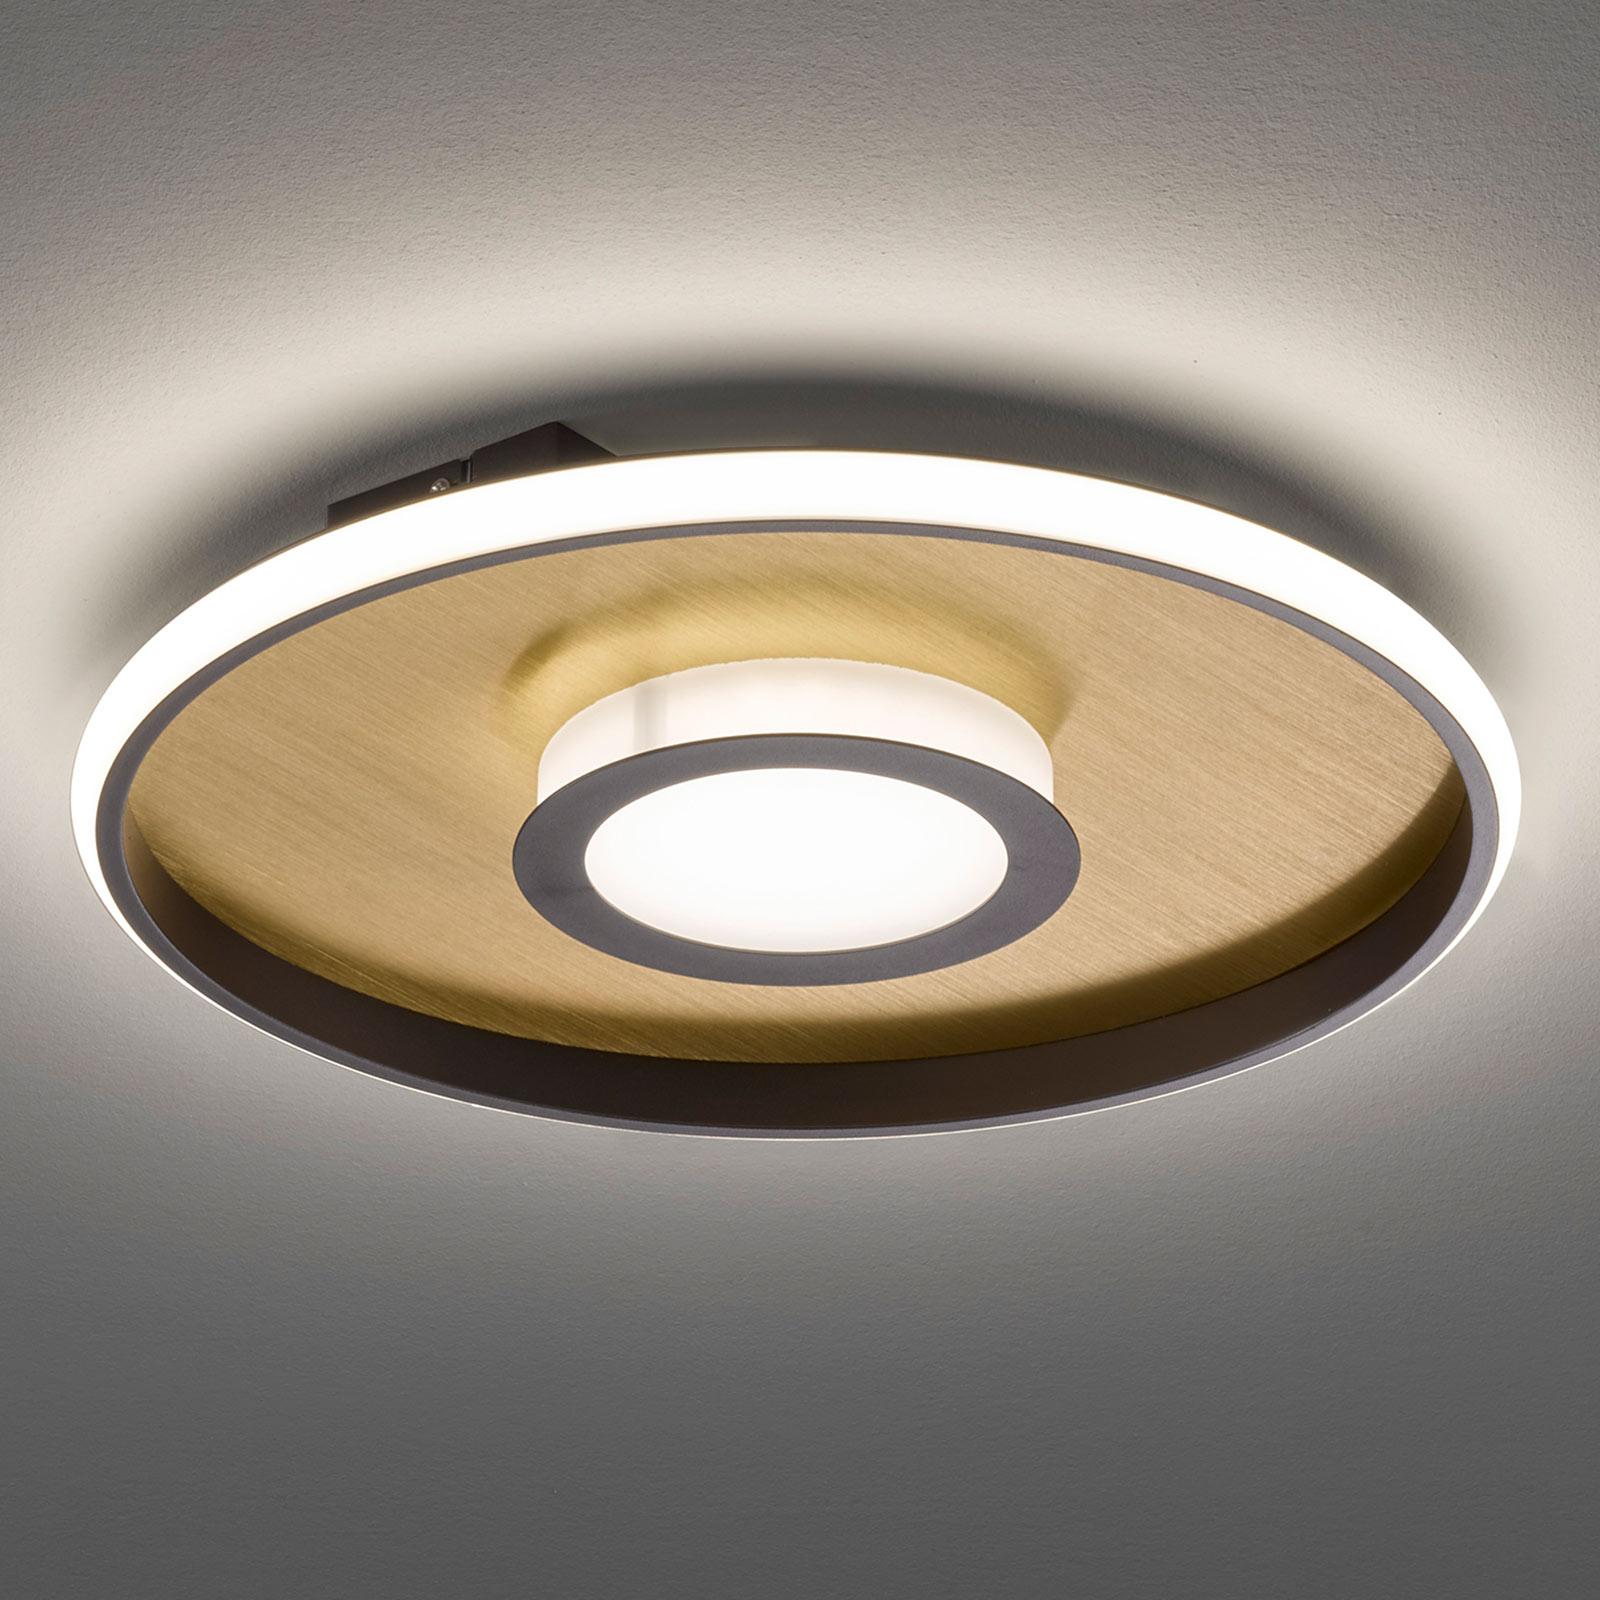 Lampa sufitowa LED Zoe, okrągła, rdzawe złoto 60cm